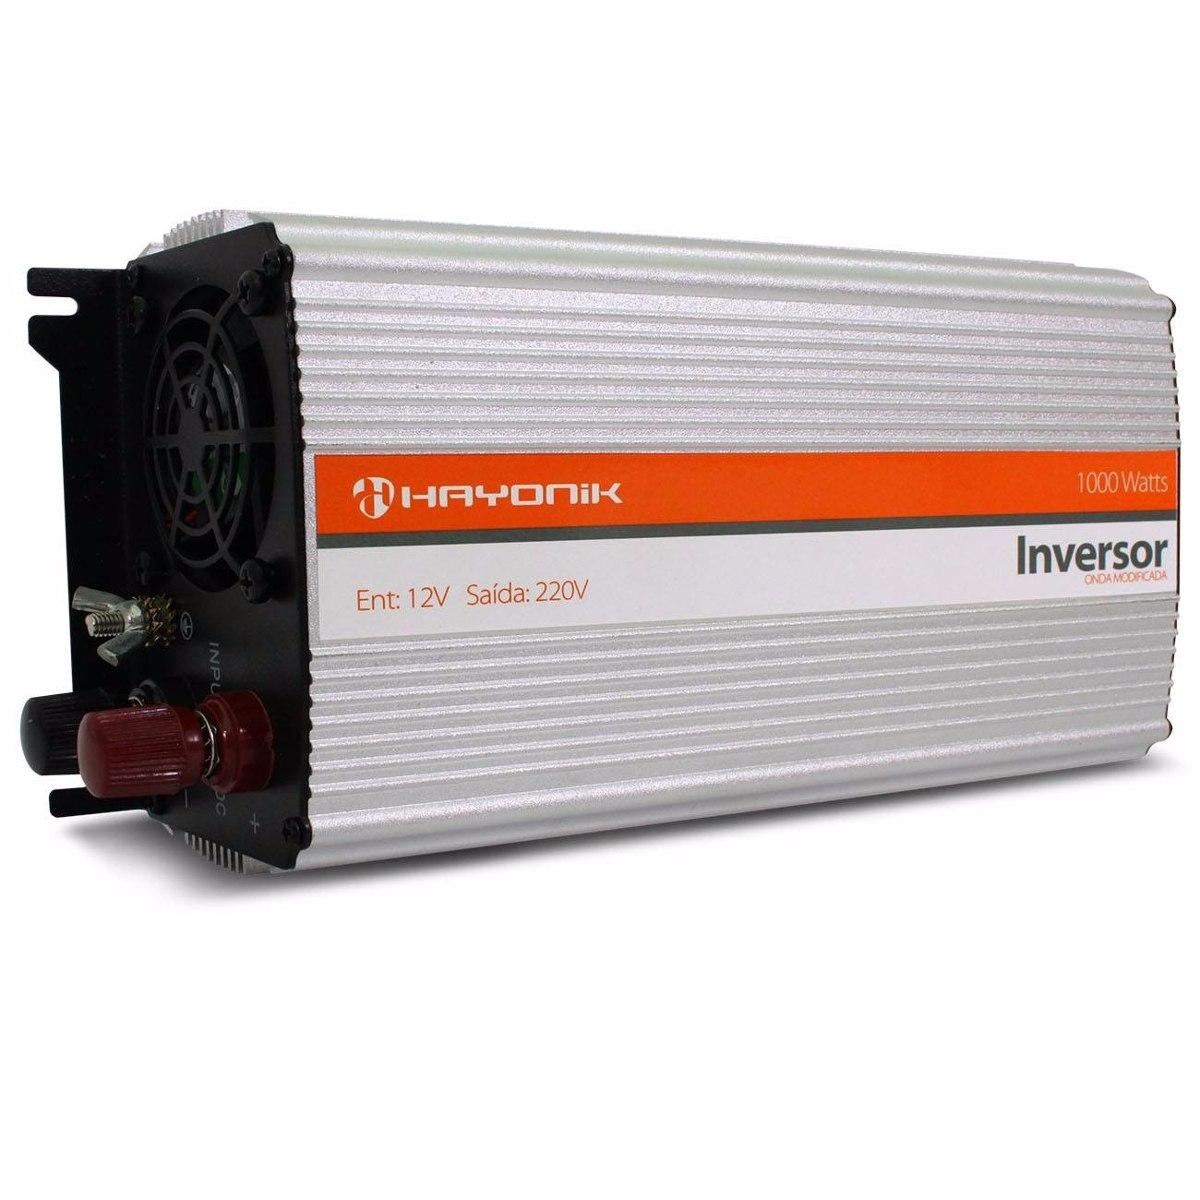 Conversor inversor de tens o transformador 12v p 220v - Transformador 220 a 12v ...